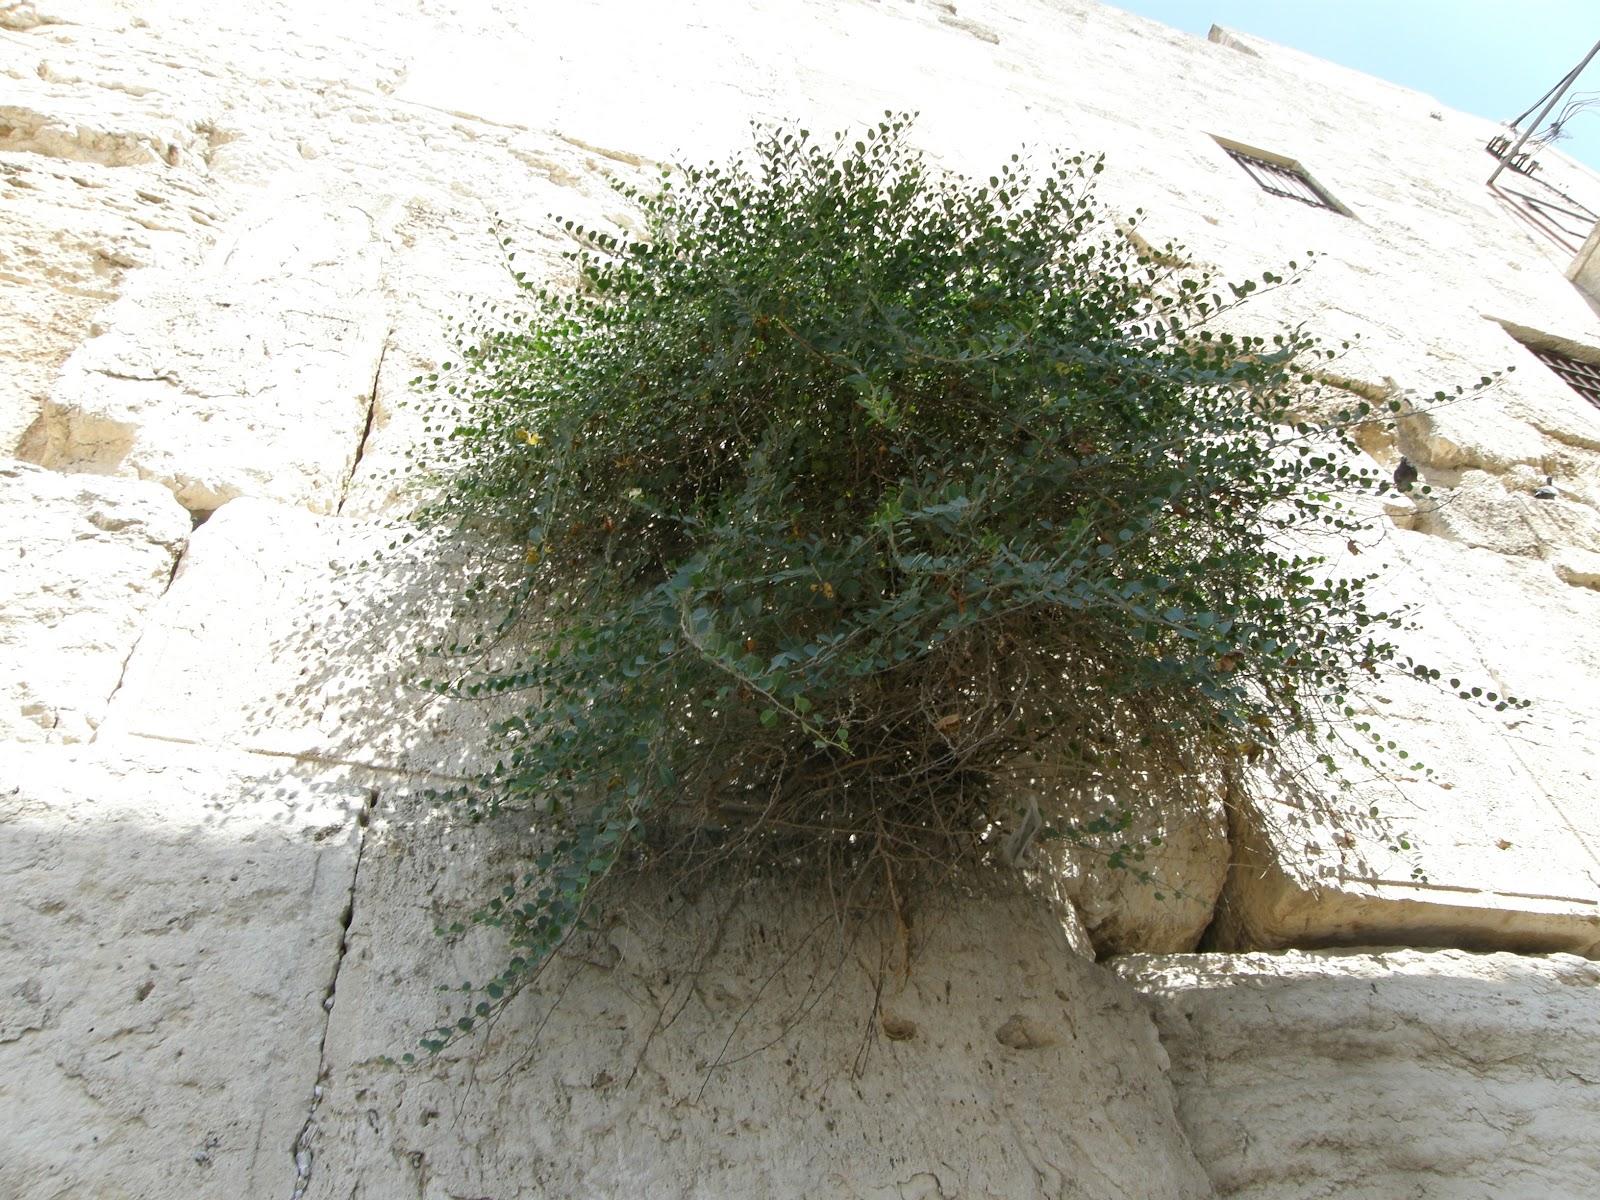 上图:耶路撒冷西墙石缝里生长的刺山柑(Capers),可能就是牛膝草(Hyssop)。牛膝草生长于石缝和牆上(王上四33),有人认为是以色列常见的墨角兰(Origanum Marjoram),也有人认为是刺山柑(Thorny Capers),它们都是普通平凡的植物,枝条和厚叶多毛。 出埃及时,以色列用牛膝草把逾越节祭牲的血涂在门楣和两边门柱上(出十二22)。西奈山立约时,摩西用牛膝草蘸血和水洒在约书上和百姓身上(来九19)。为消除了痲疯病的人或房子进行洁淨礼时,也用到牛膝草(利十四4、6、49、51)。牛膝草也用来制作红母牛灰做的除污秽的水(民十九6),并用来蘸这水去洁净人和器皿(民十九18)。